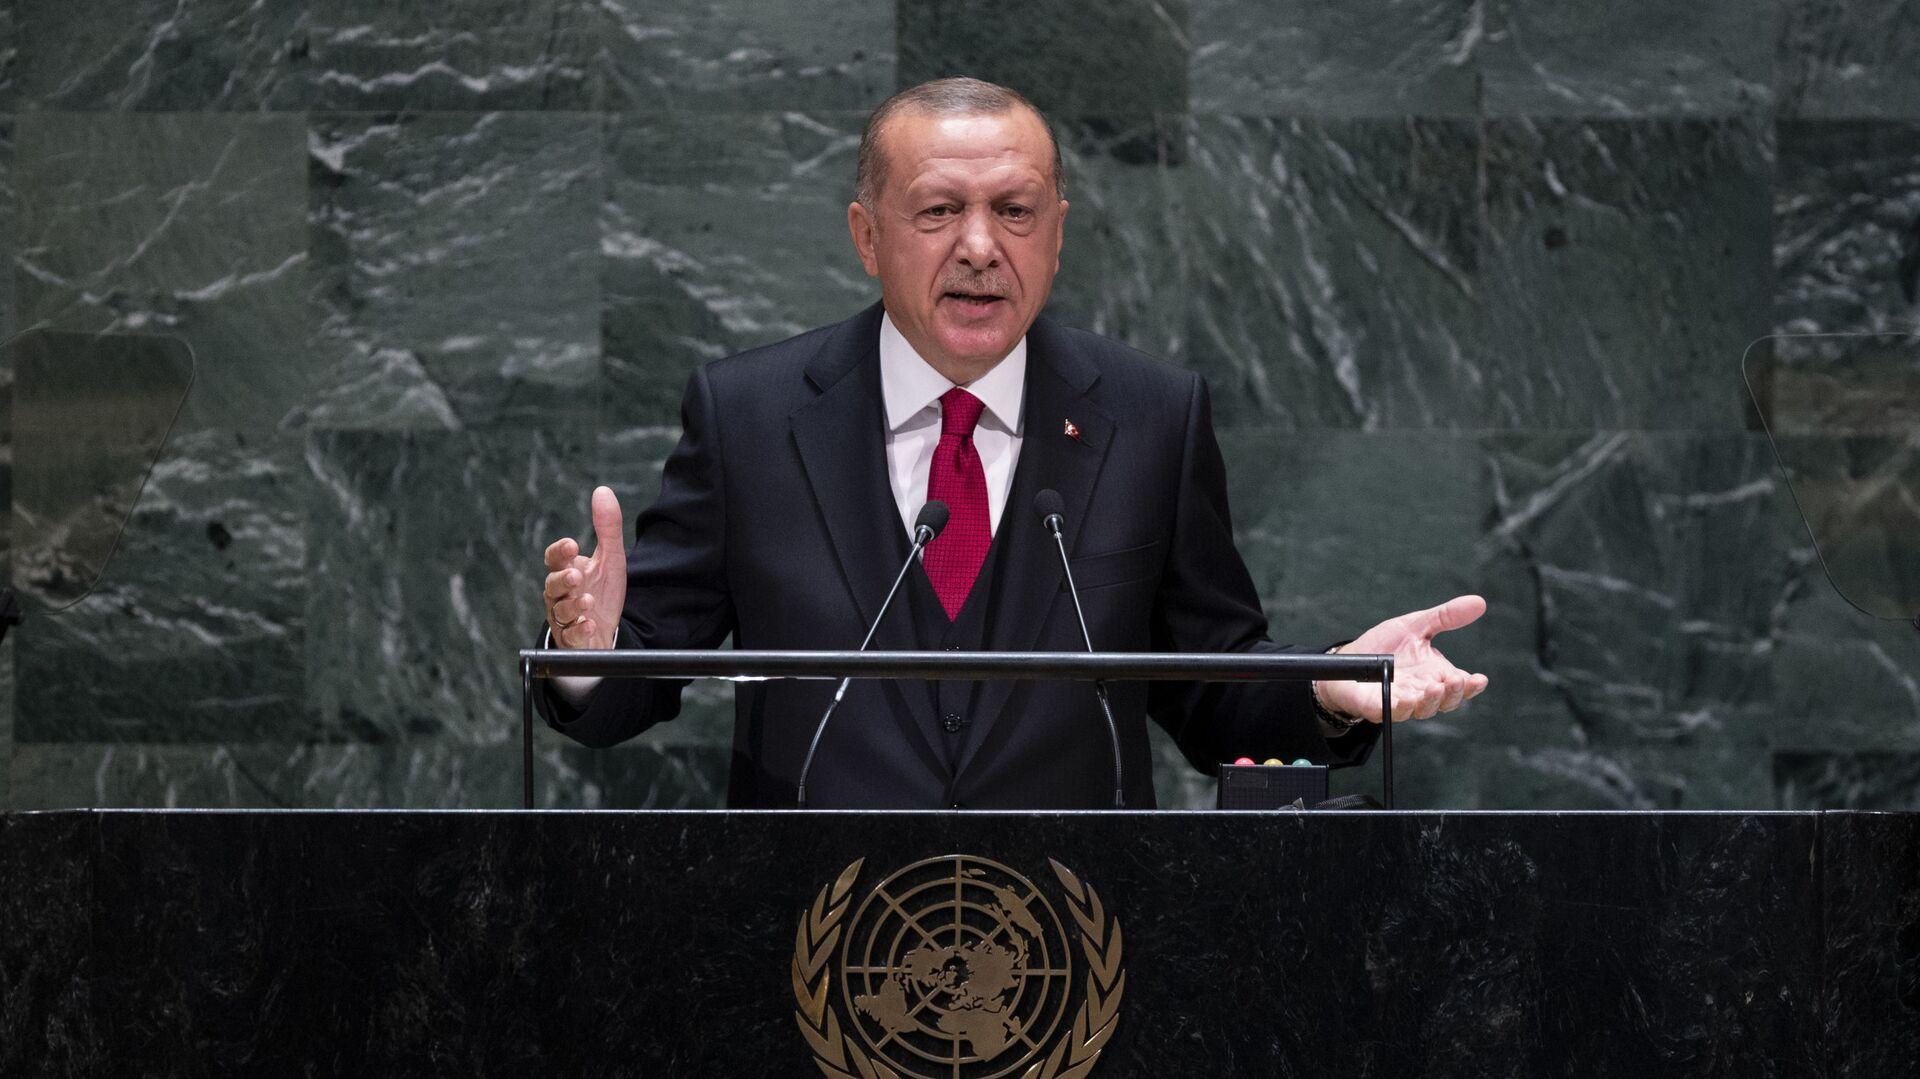 Ο Ερντογάν κατά την ομιλία του στον ΟΗΕ - Sputnik Ελλάδα, 1920, 21.09.2021